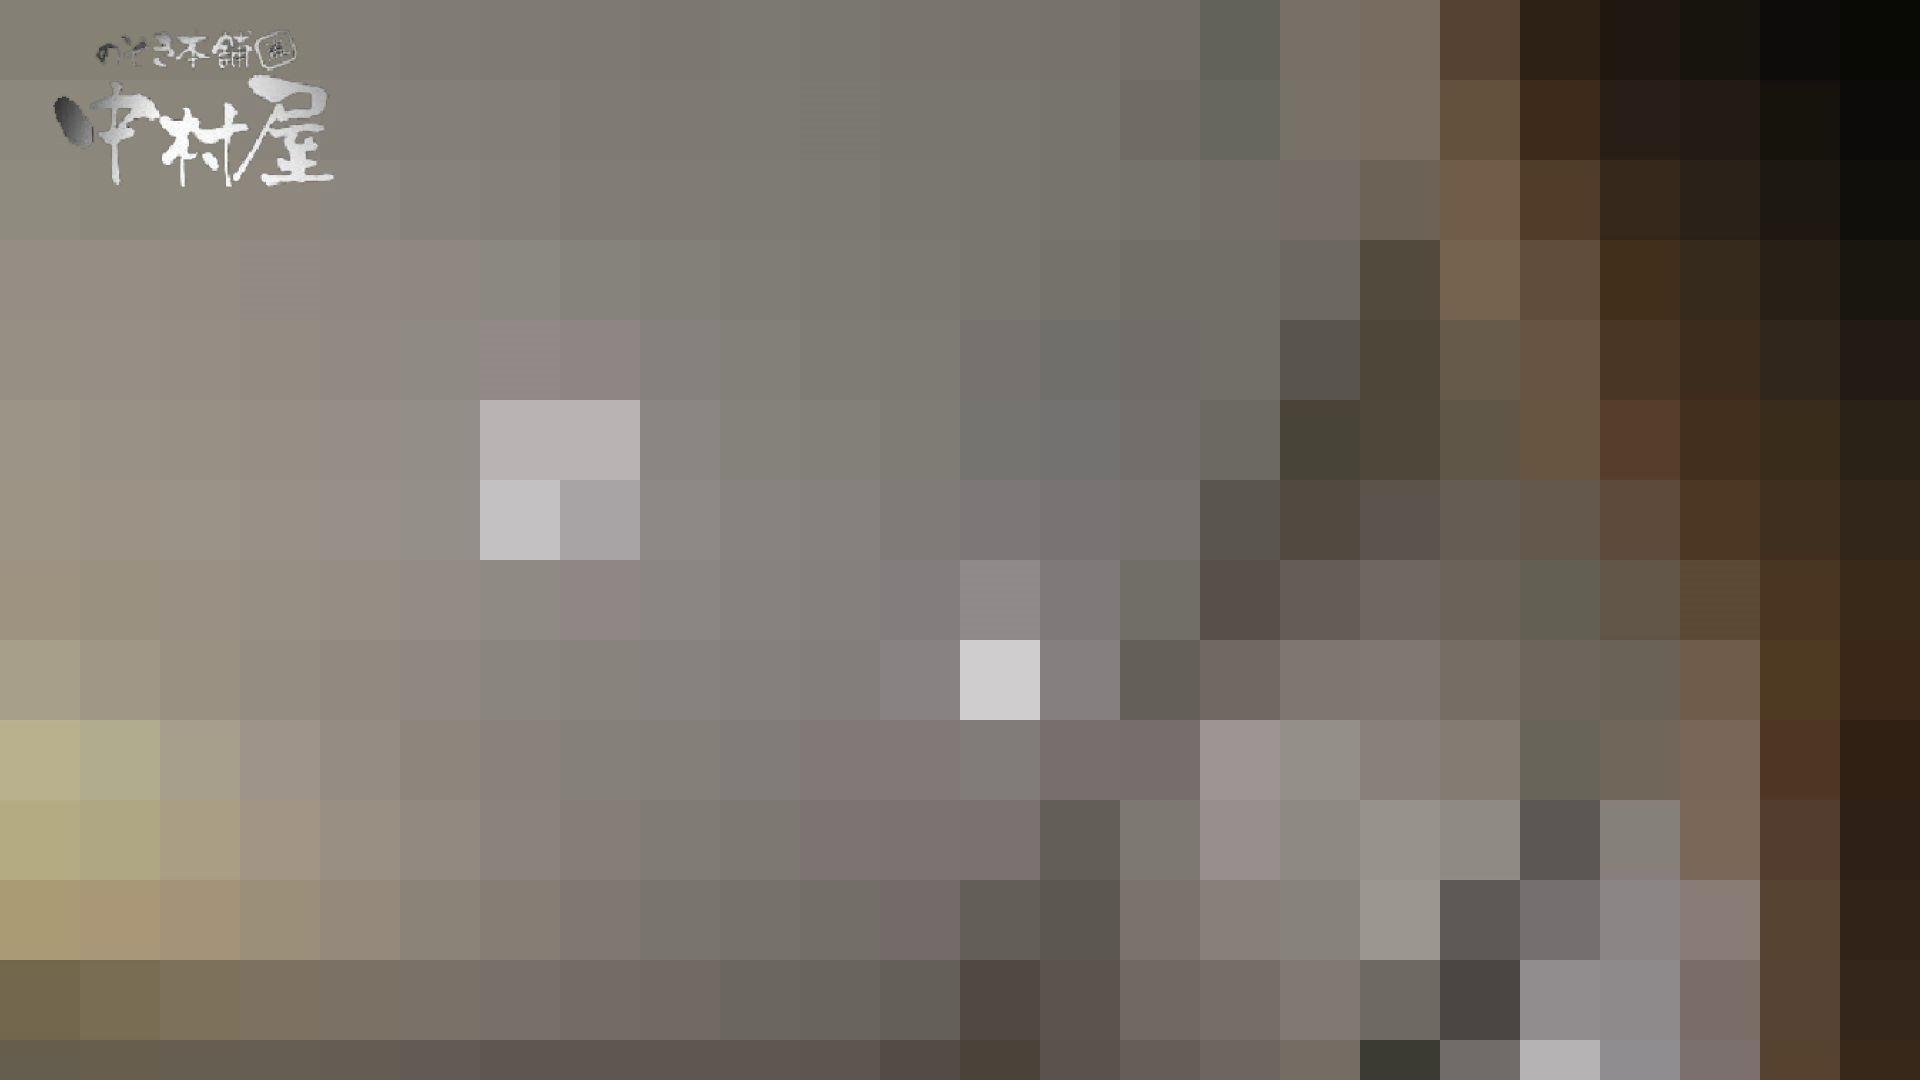 【世界の射窓から】世界の射窓から vol.18後編 0  88pic 86